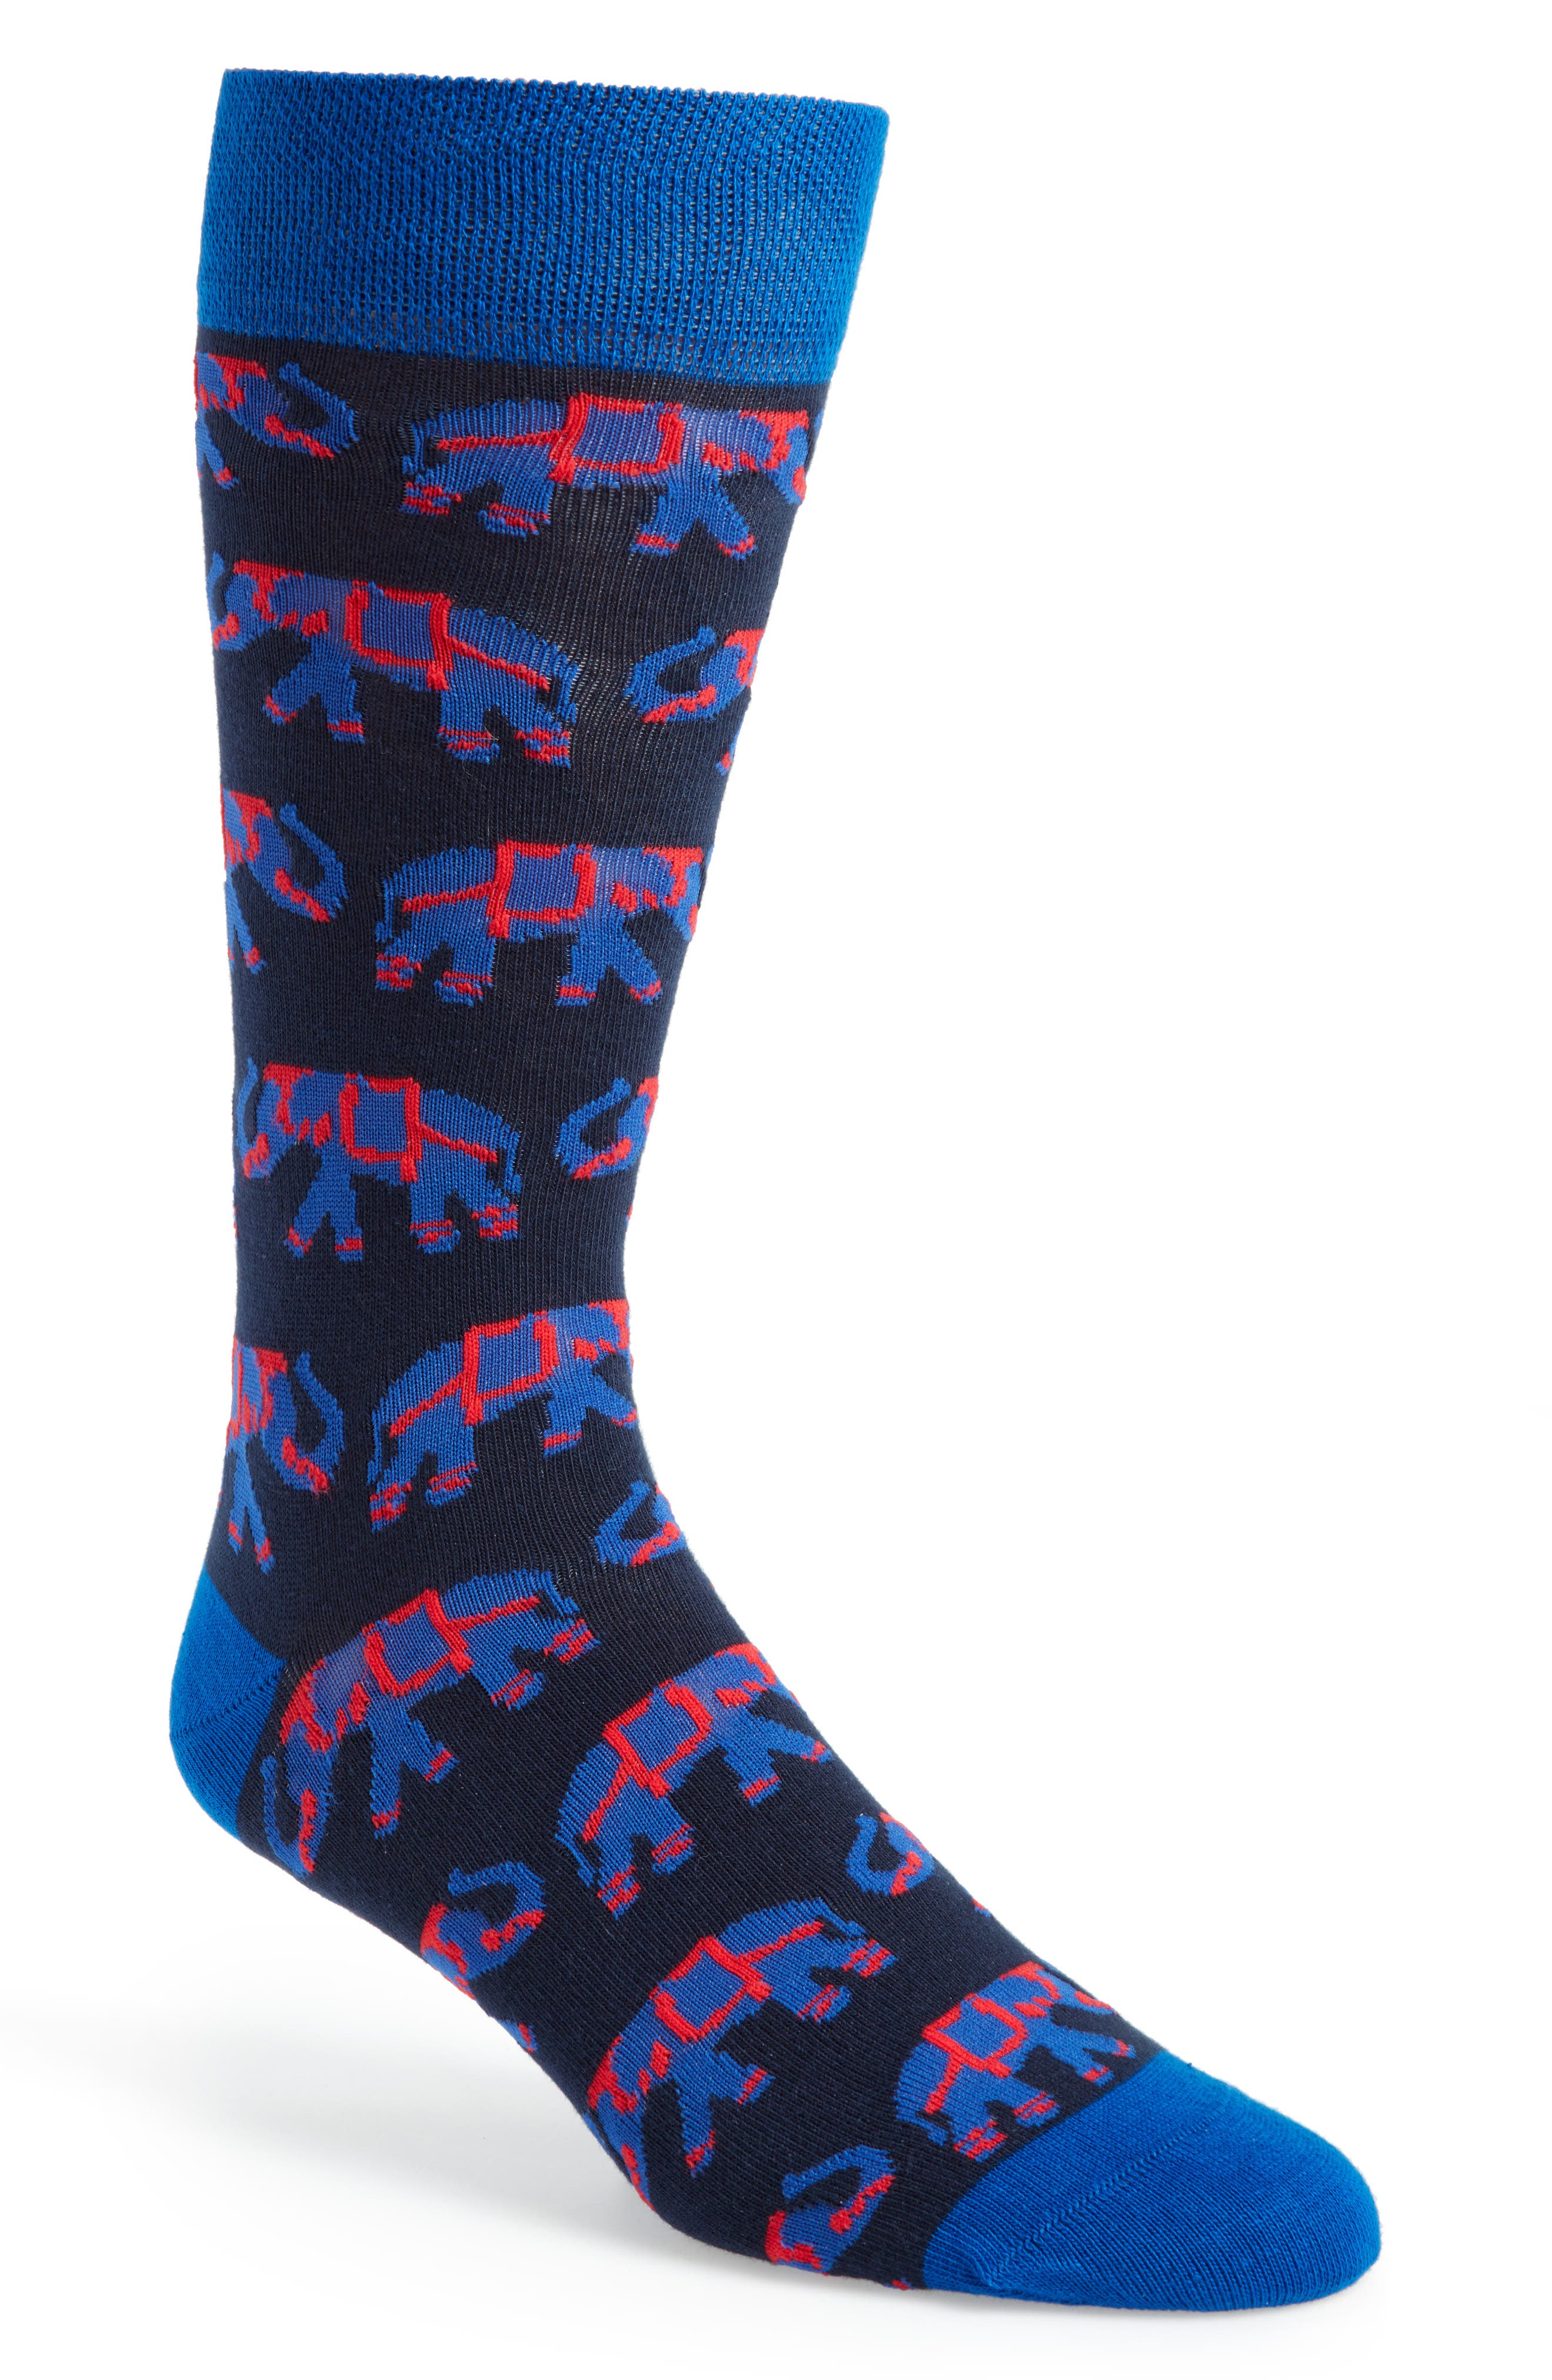 Ted Baker London Elephant Socks